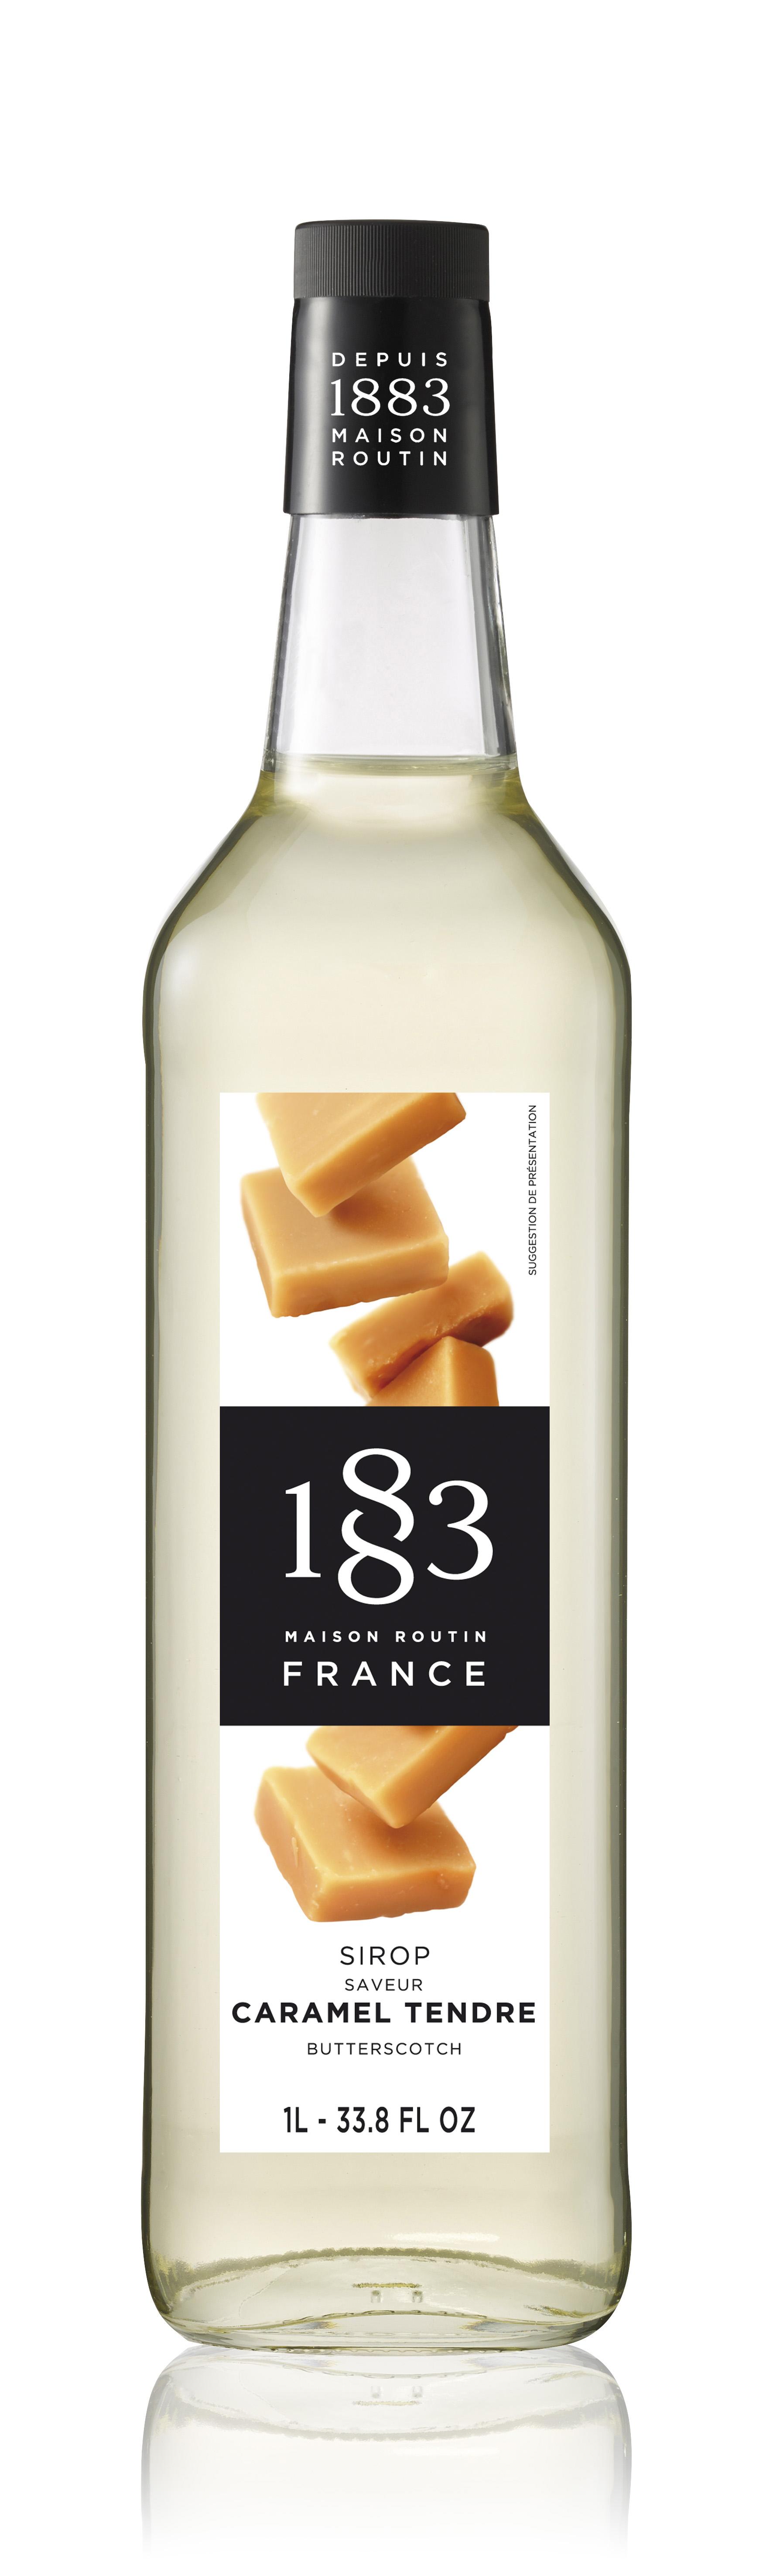 1883 Syrup Butterscotch 1L Glass Bottle